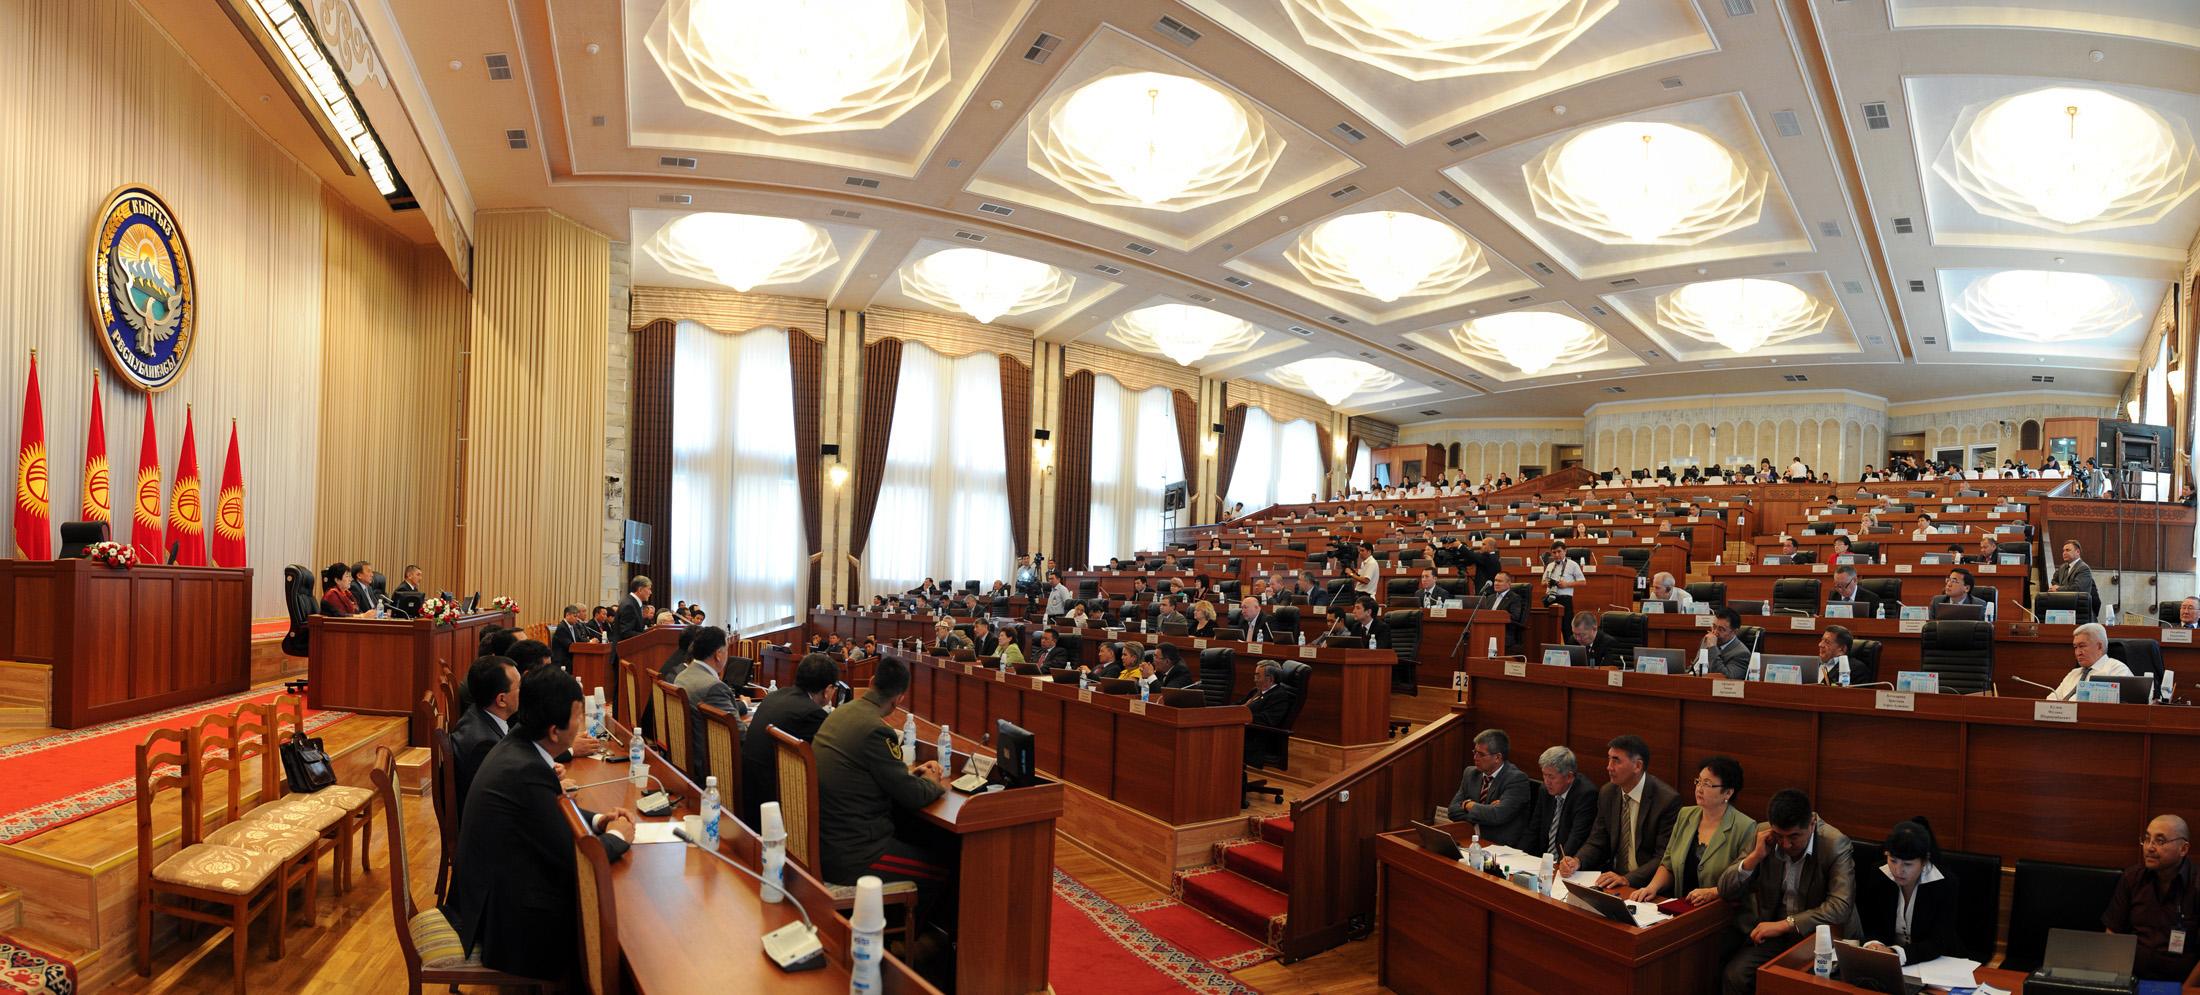 Депутат Осмонов опасается, что закон может использоваться властью против политических оппонентов.